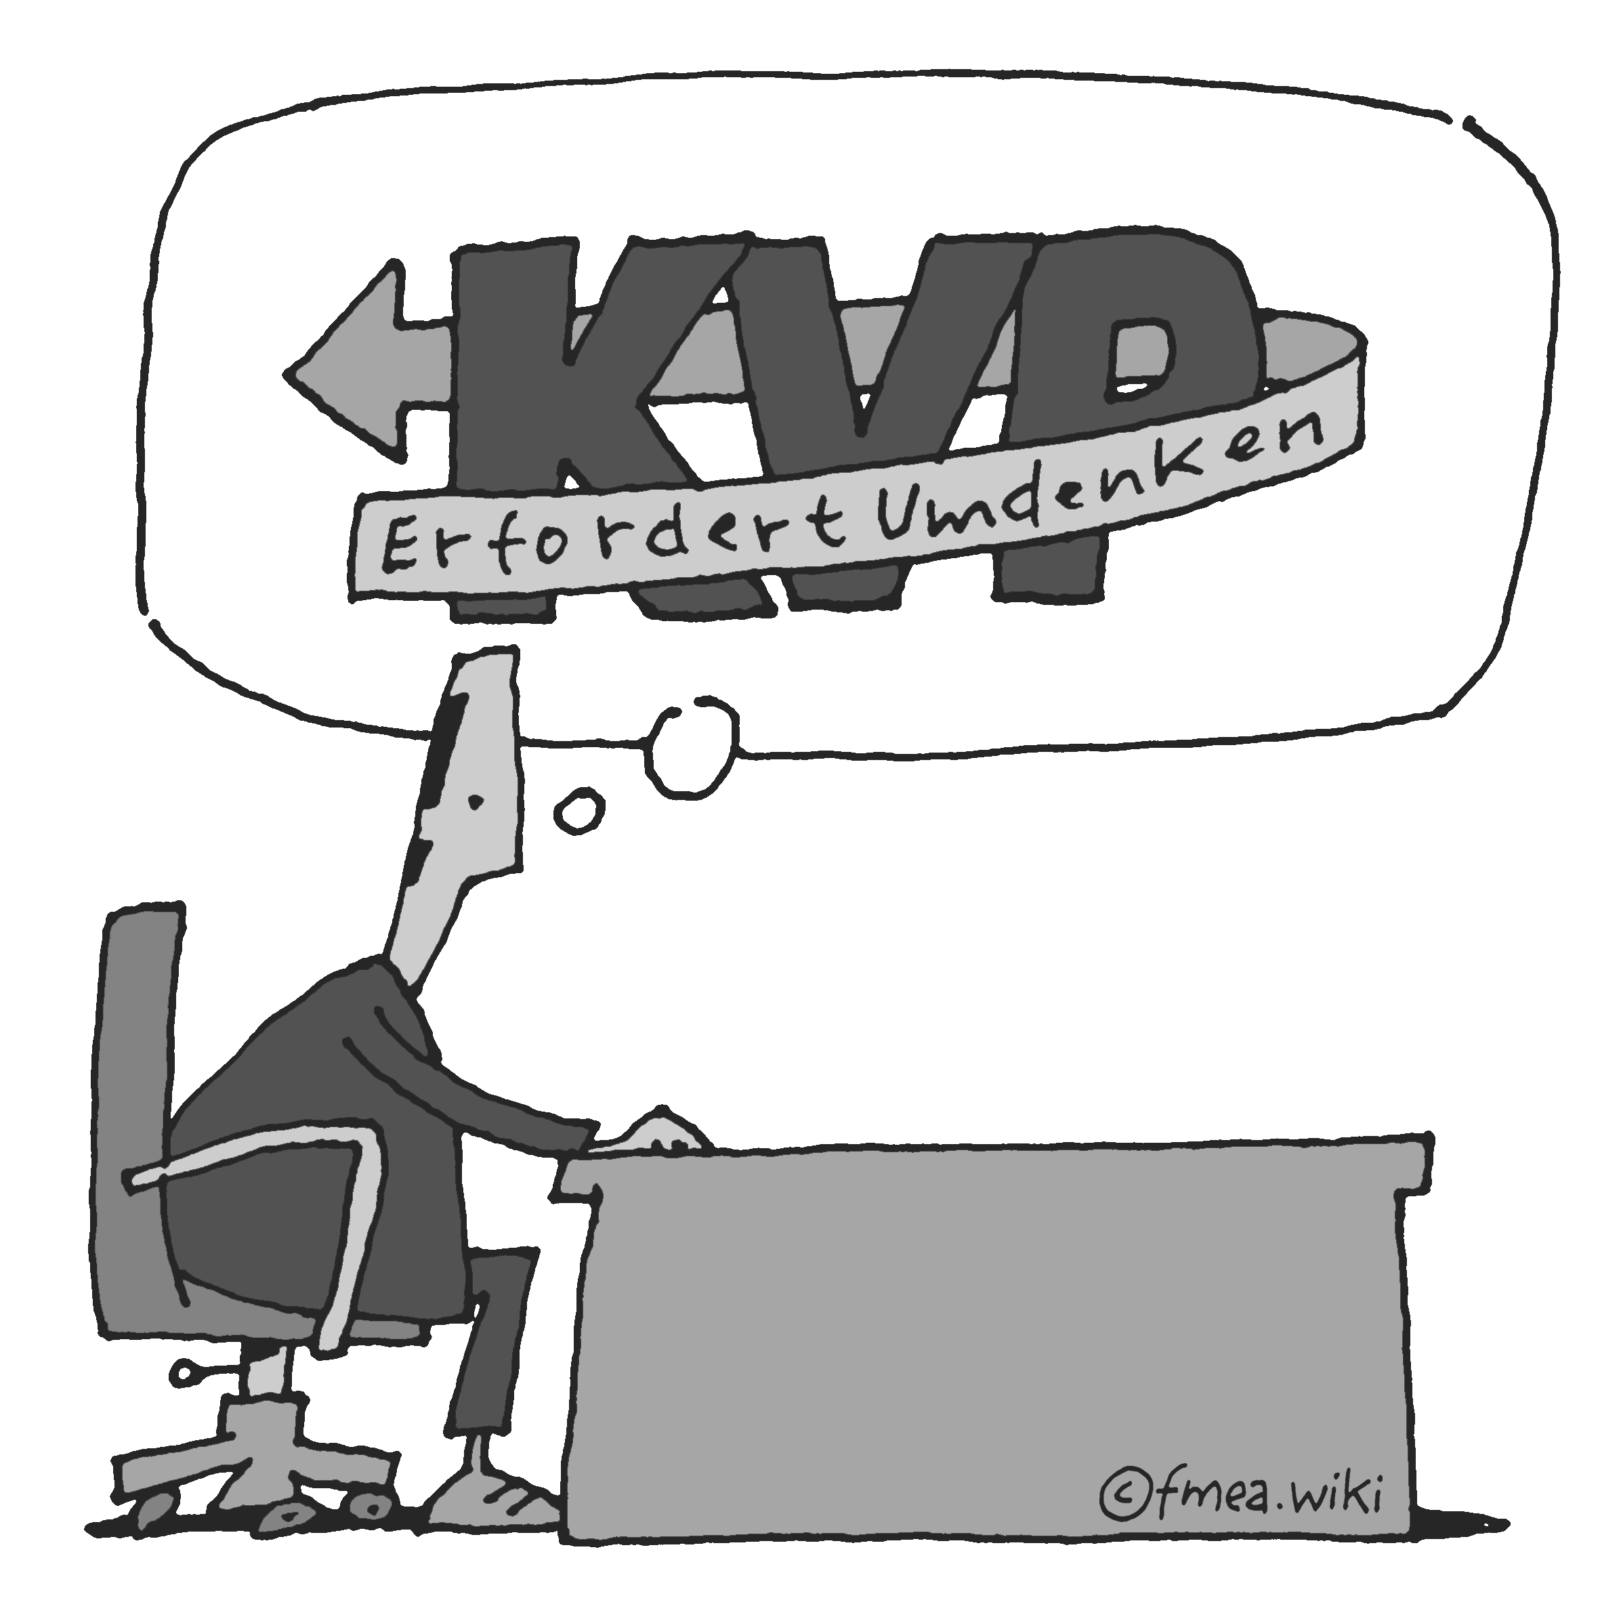 KVP Umdenken